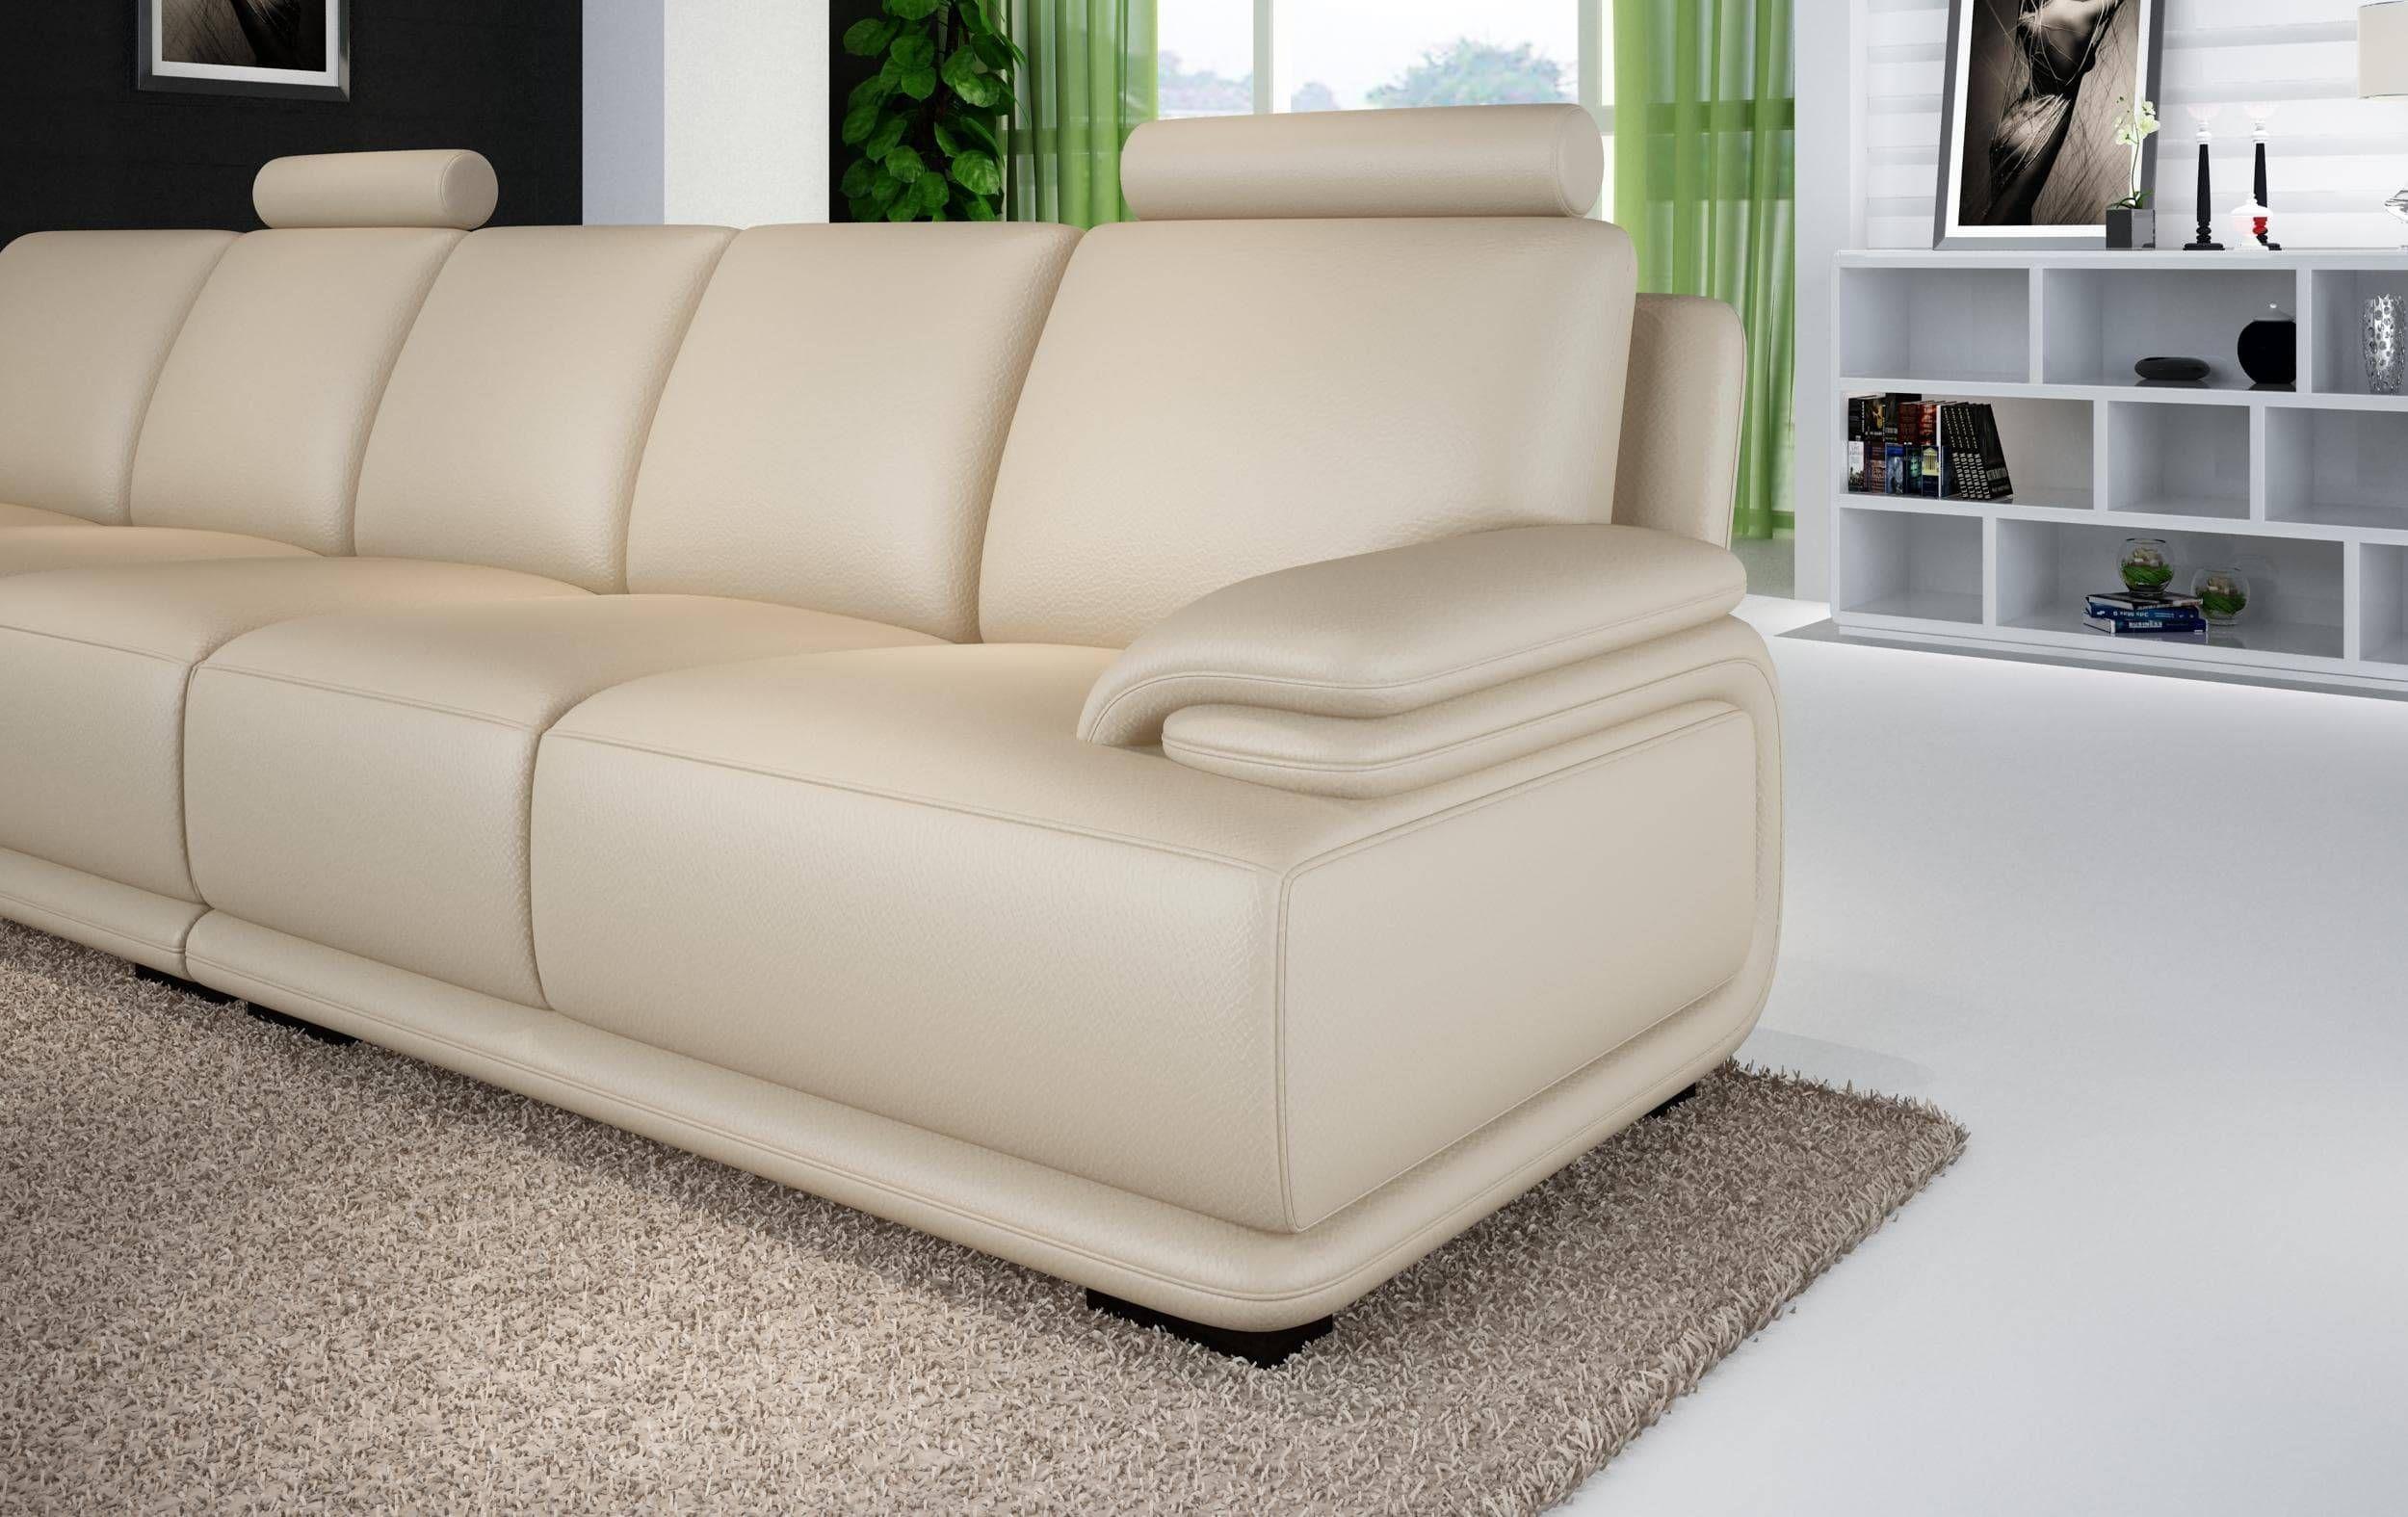 Canape Droit Cuir Canape Droit Cuir London Canape Droit En Cuir 5 Places In 2020 Home Decor Furniture Sofa